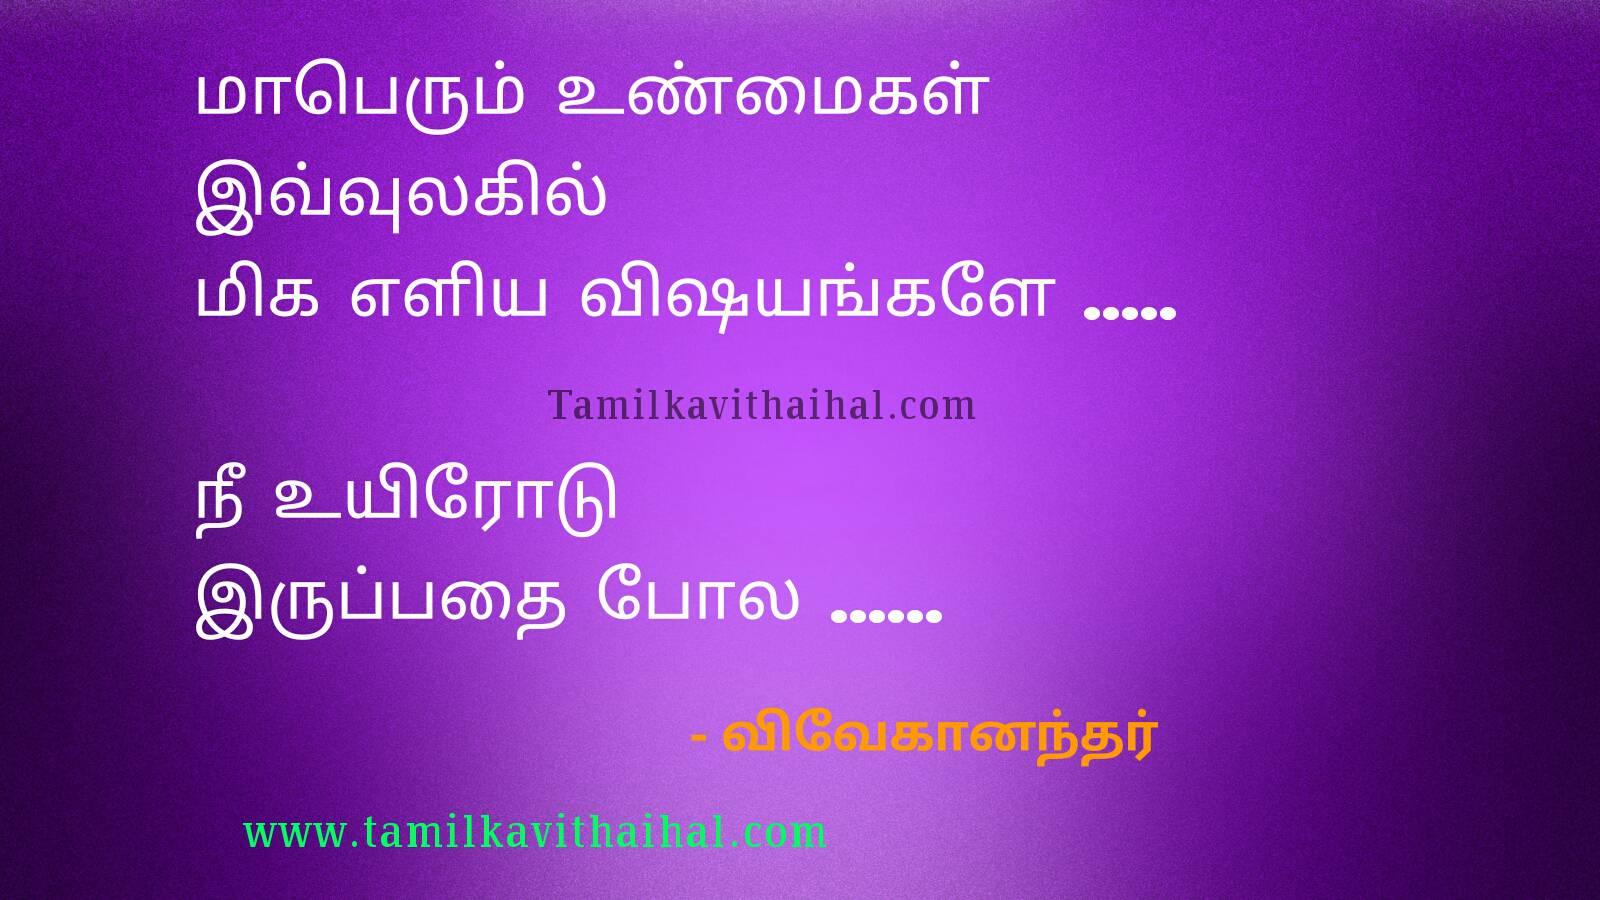 Vivekanandhar quotes about life quotes unmai thathum valkai